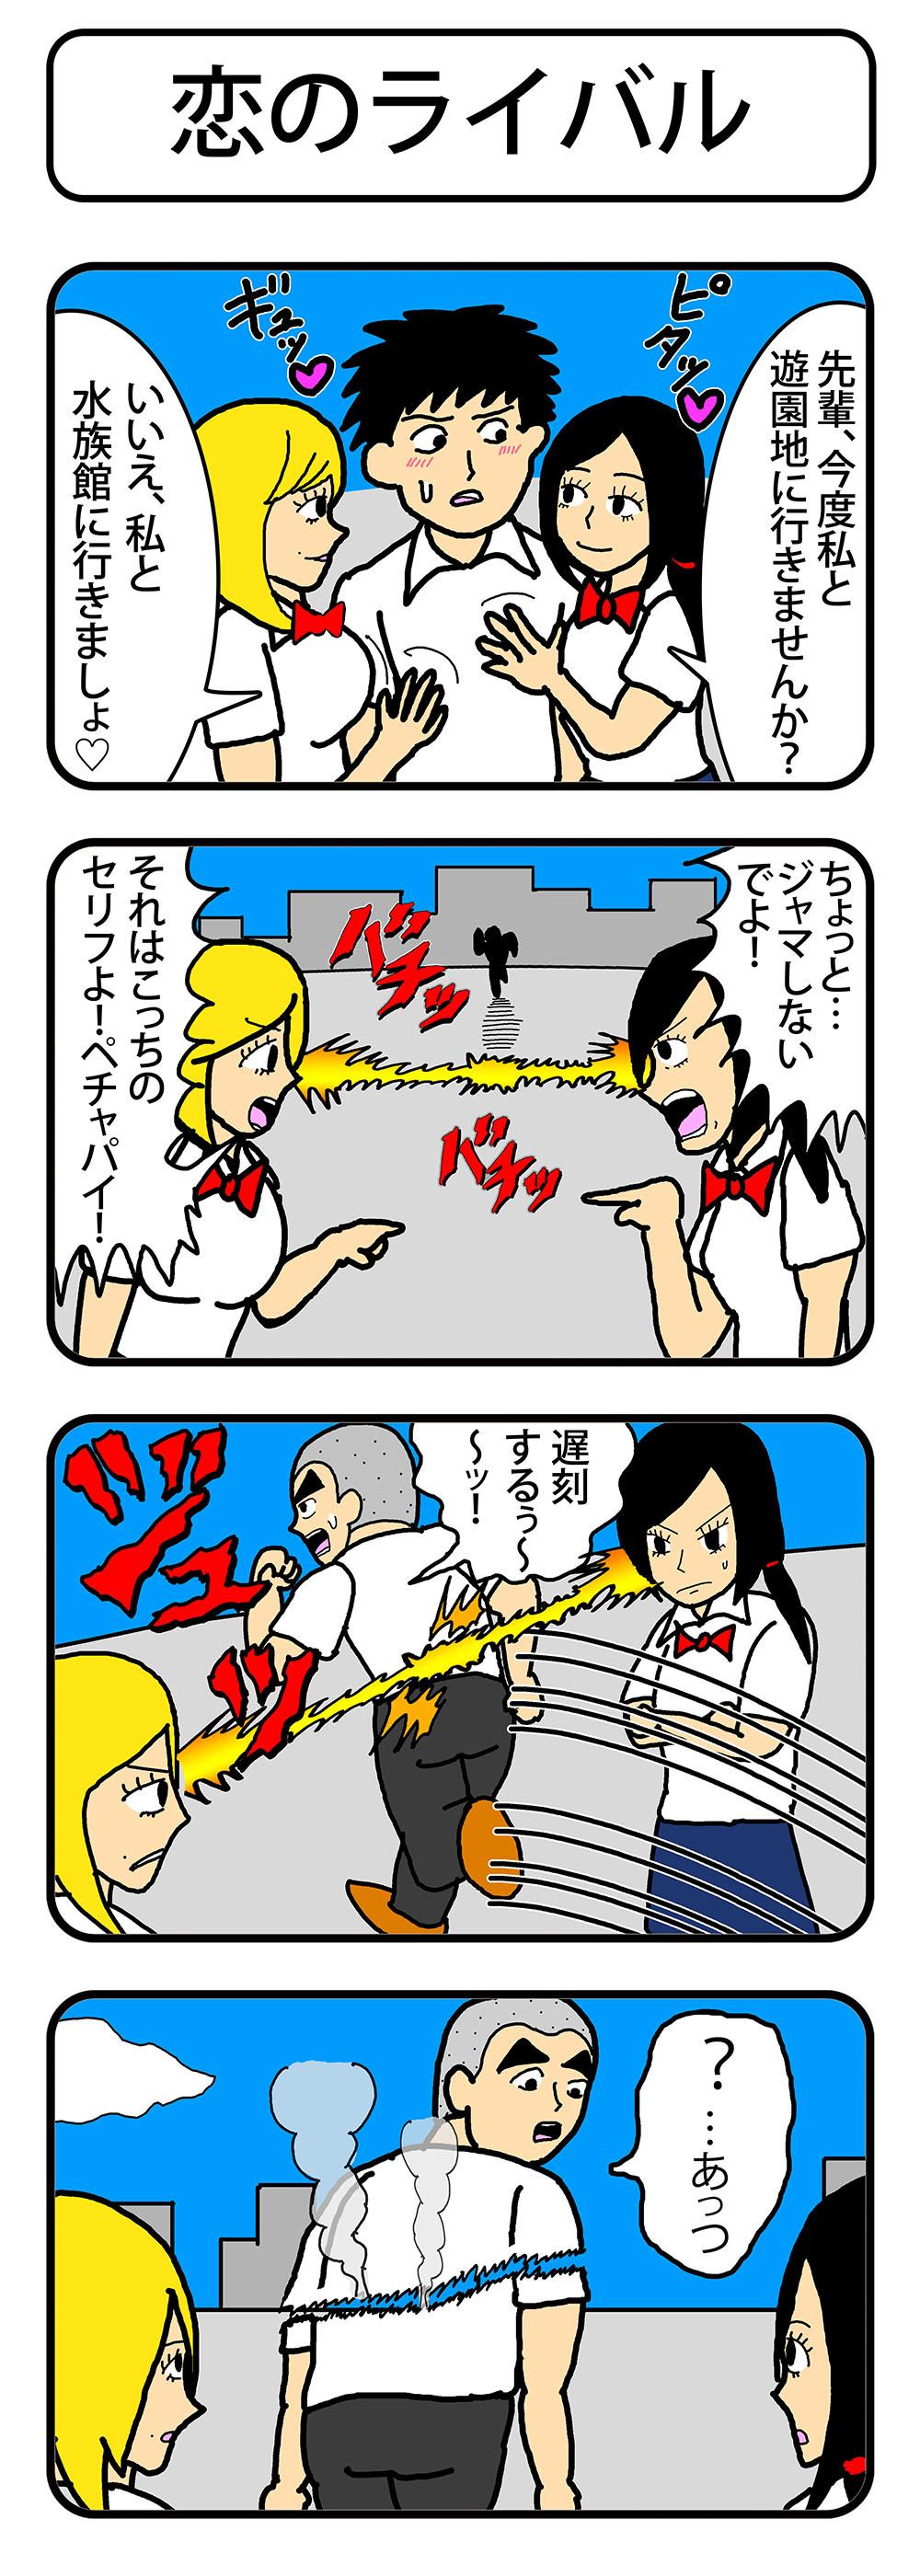 恋のライバル_おぎぬま